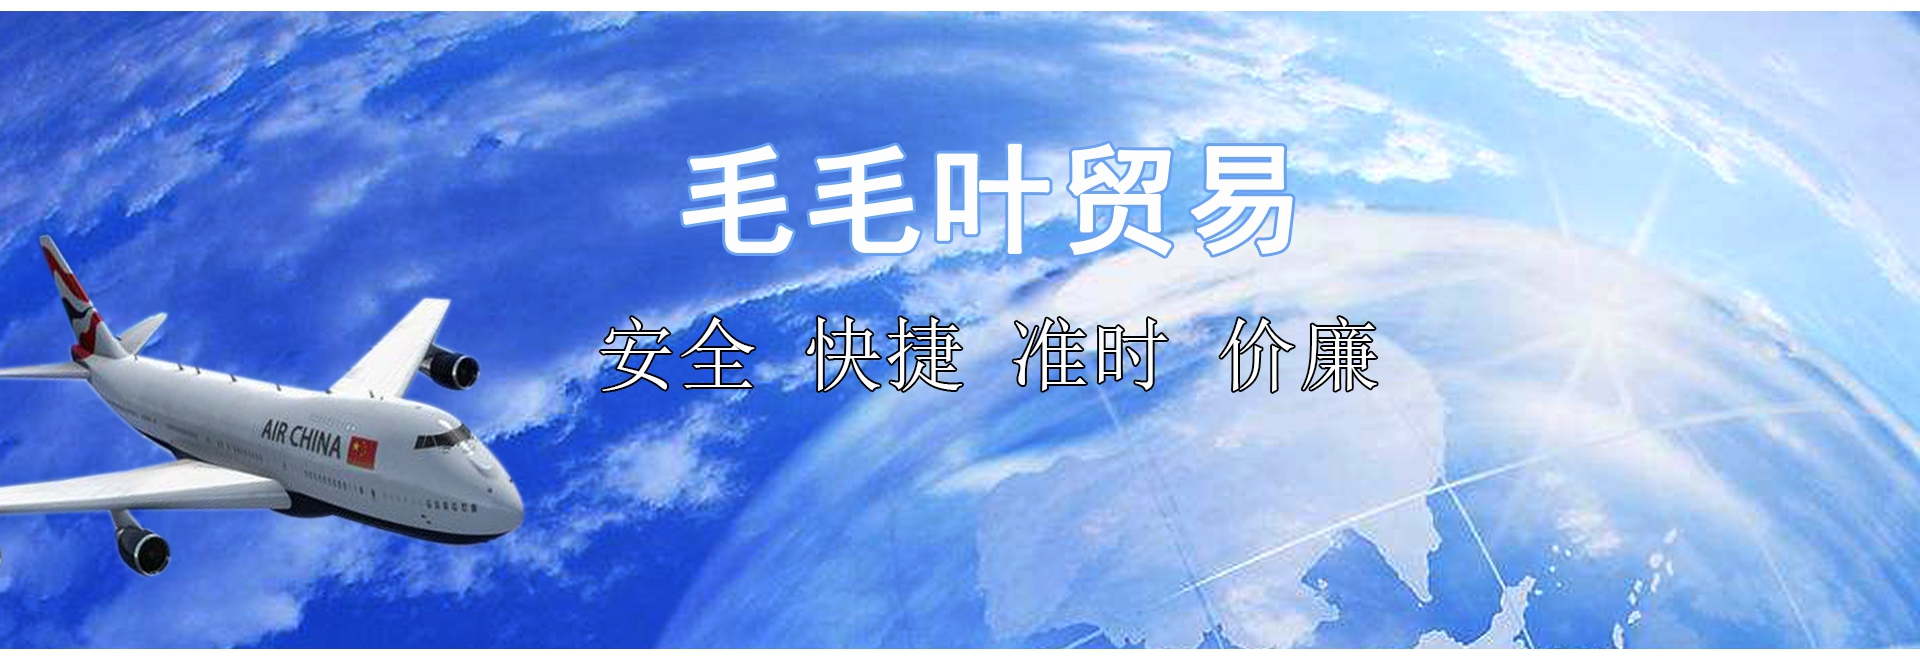 毛毛叶贸易(原名汇鑫 HXIL)